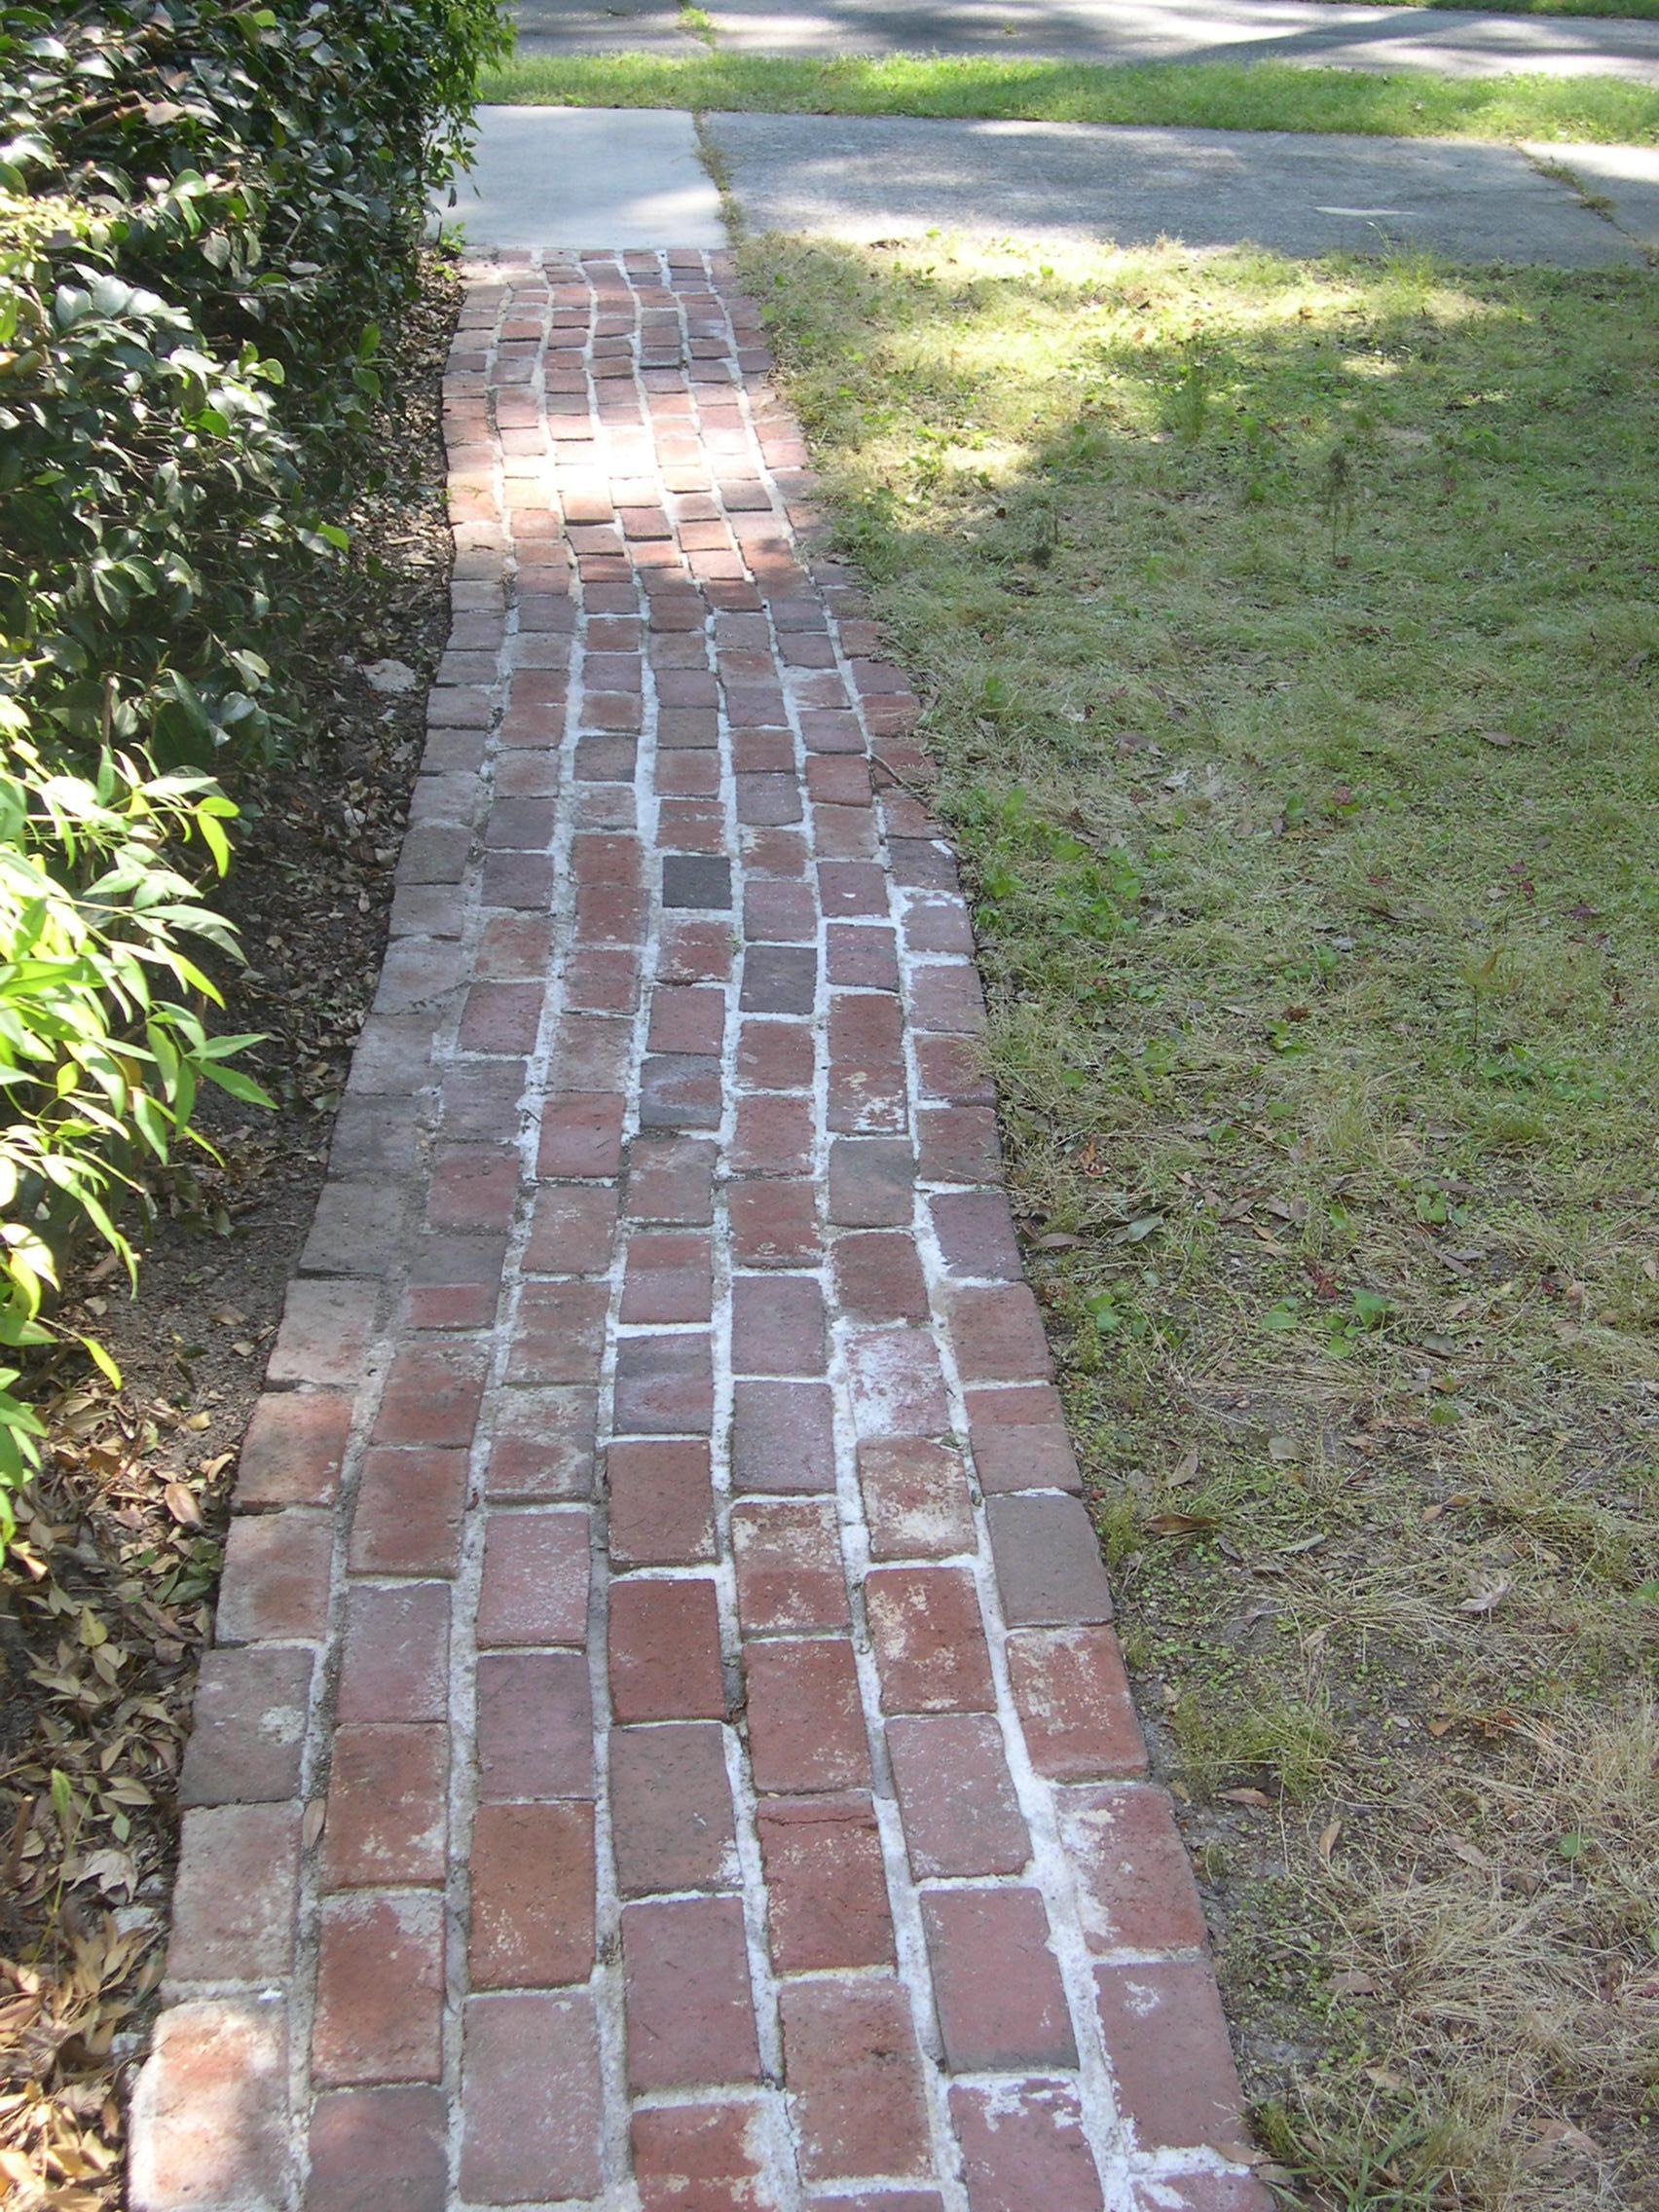 Improper measurements causing an uneven walkway.